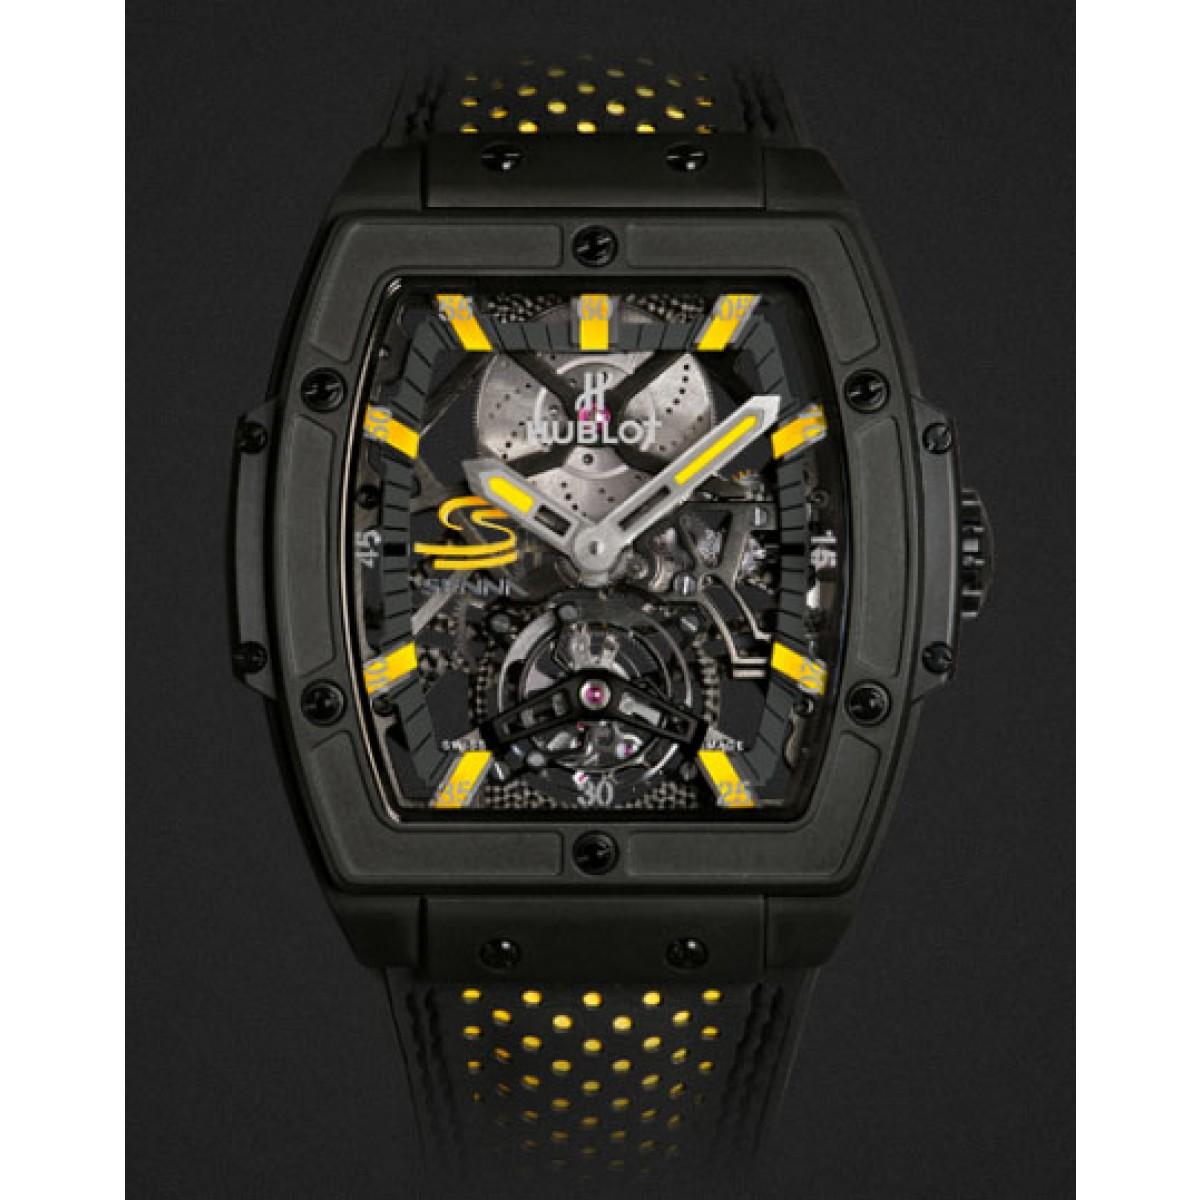 1a007d67c36 Relógio Réplica Hublot Senna ( Lançamento 2015 )